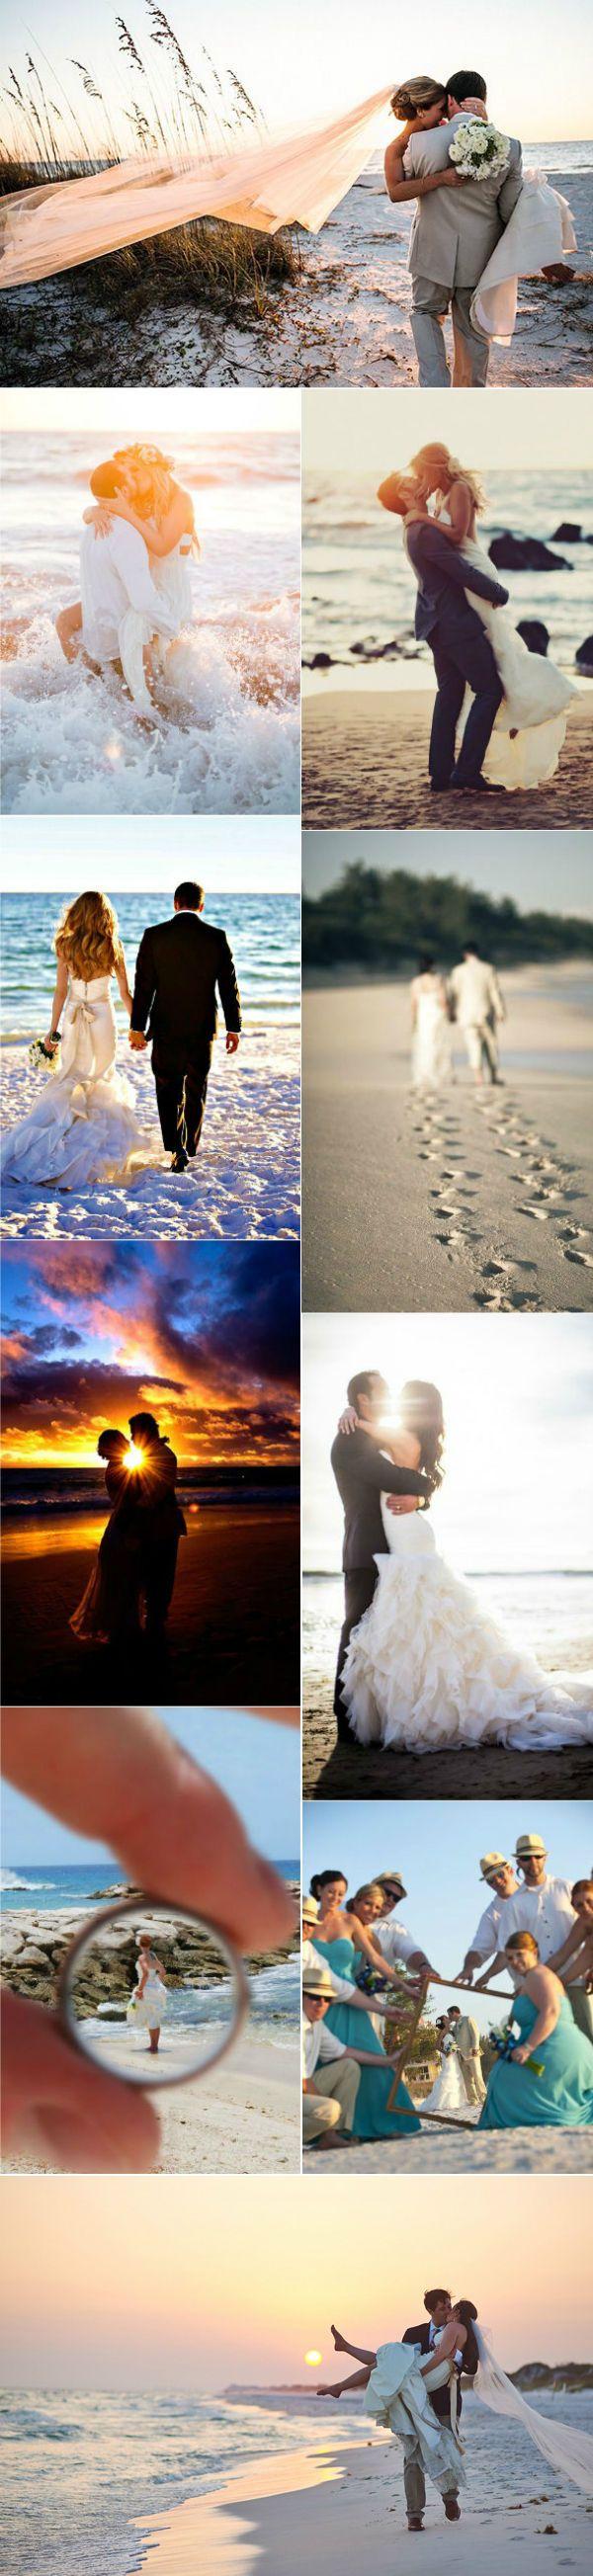 32 Beach Themed Wedding Ideas For 2016